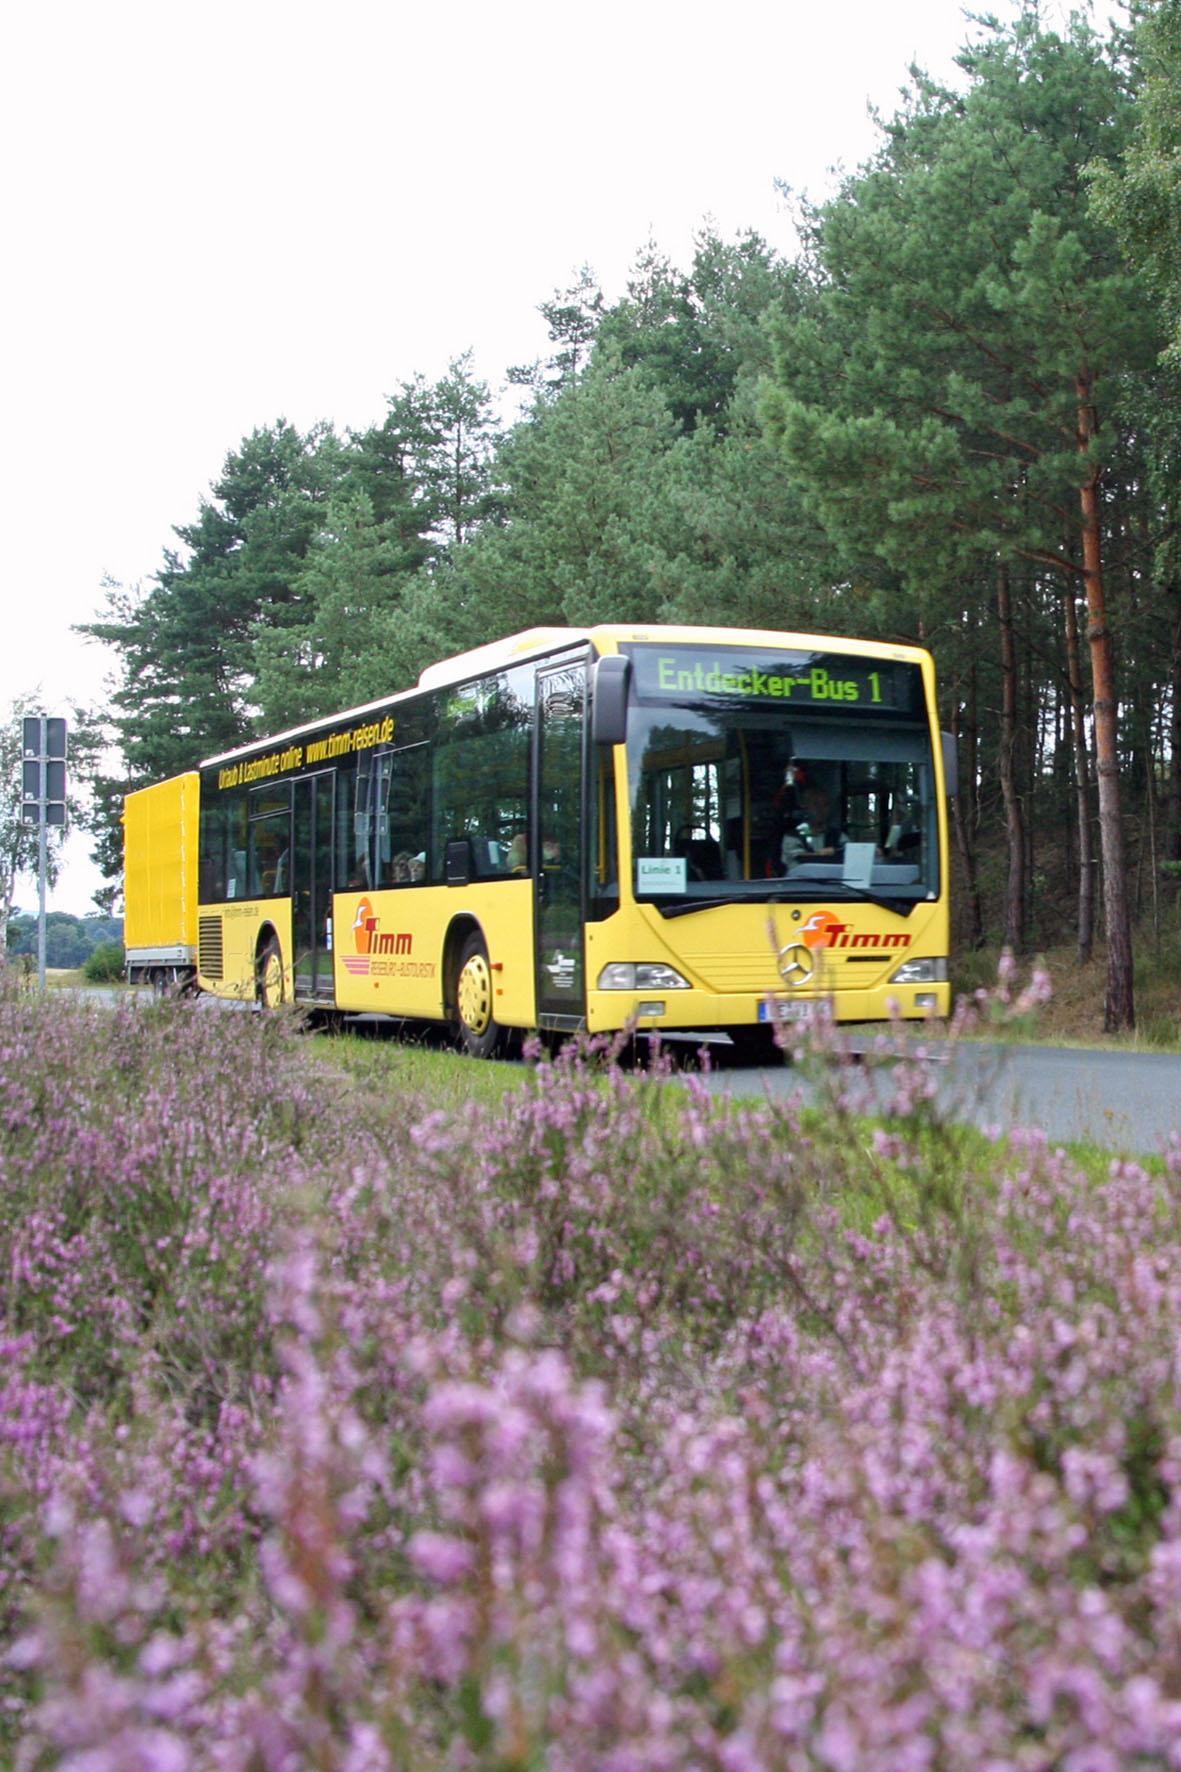 Der Entdecker-Bus bringt Wanderer, Radfahrer und Ausflügler zu den schönsten Plätzen in der Heideregion Uelzen.